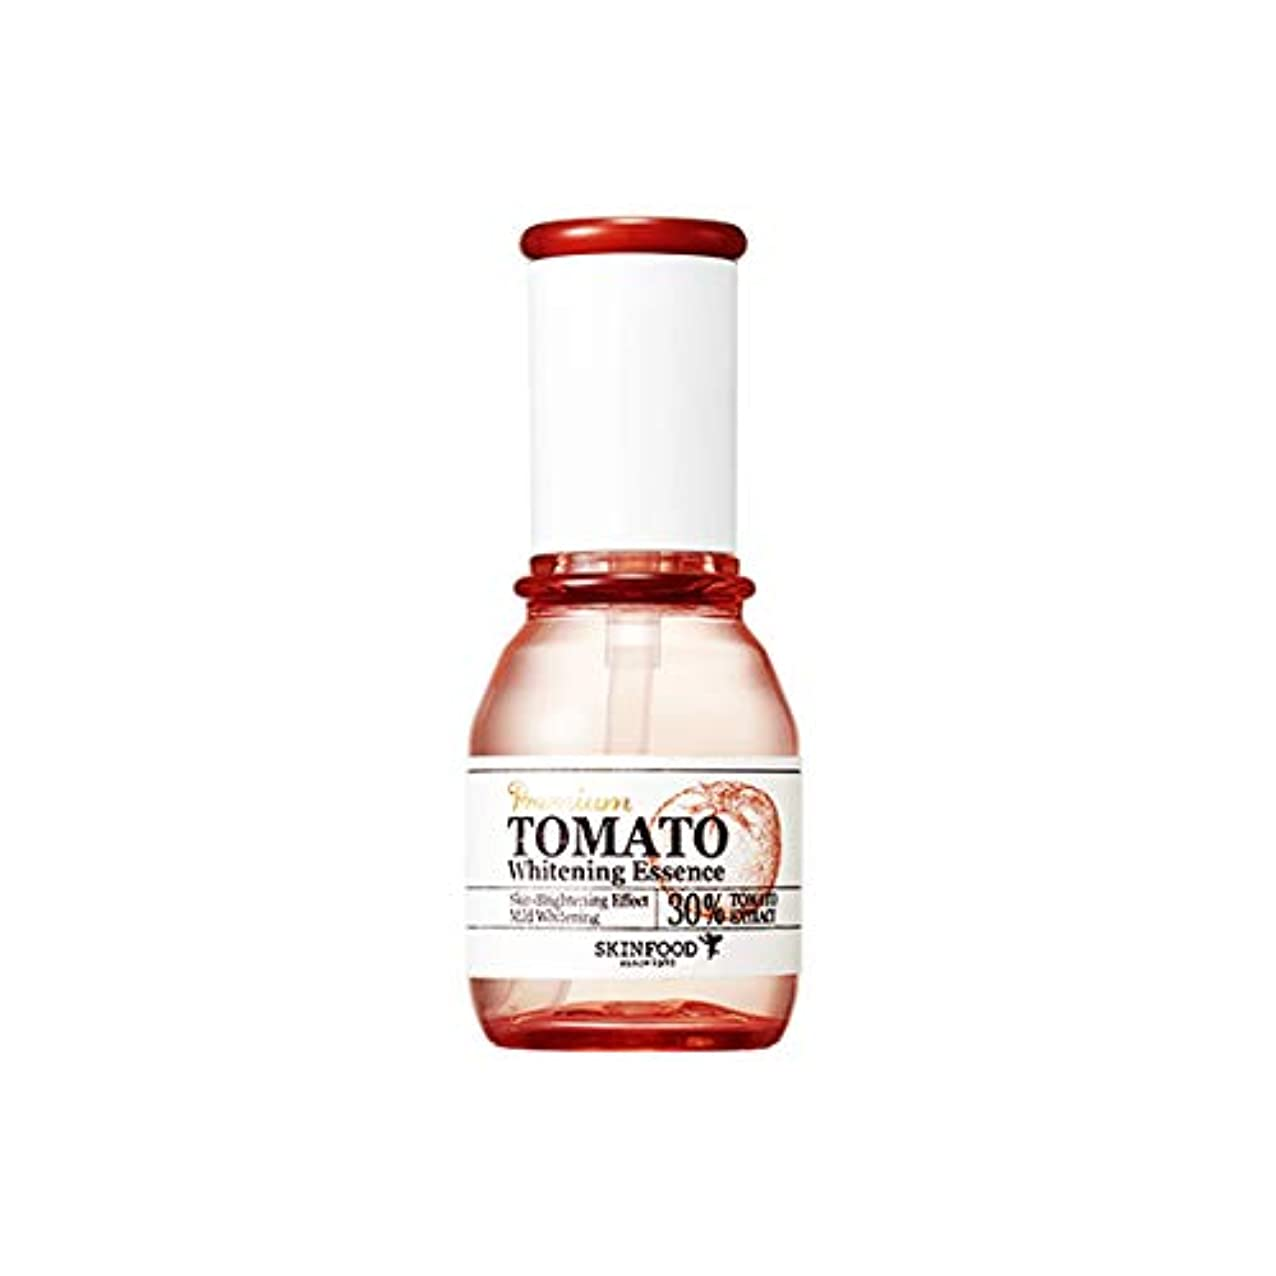 助言する致命的寛容Skinfood プレミアムトマトホワイトニングエッセンス(美白効果) / Premium Tomato Whitening Essence (Skin-Brightening Effect)50ml [並行輸入品]